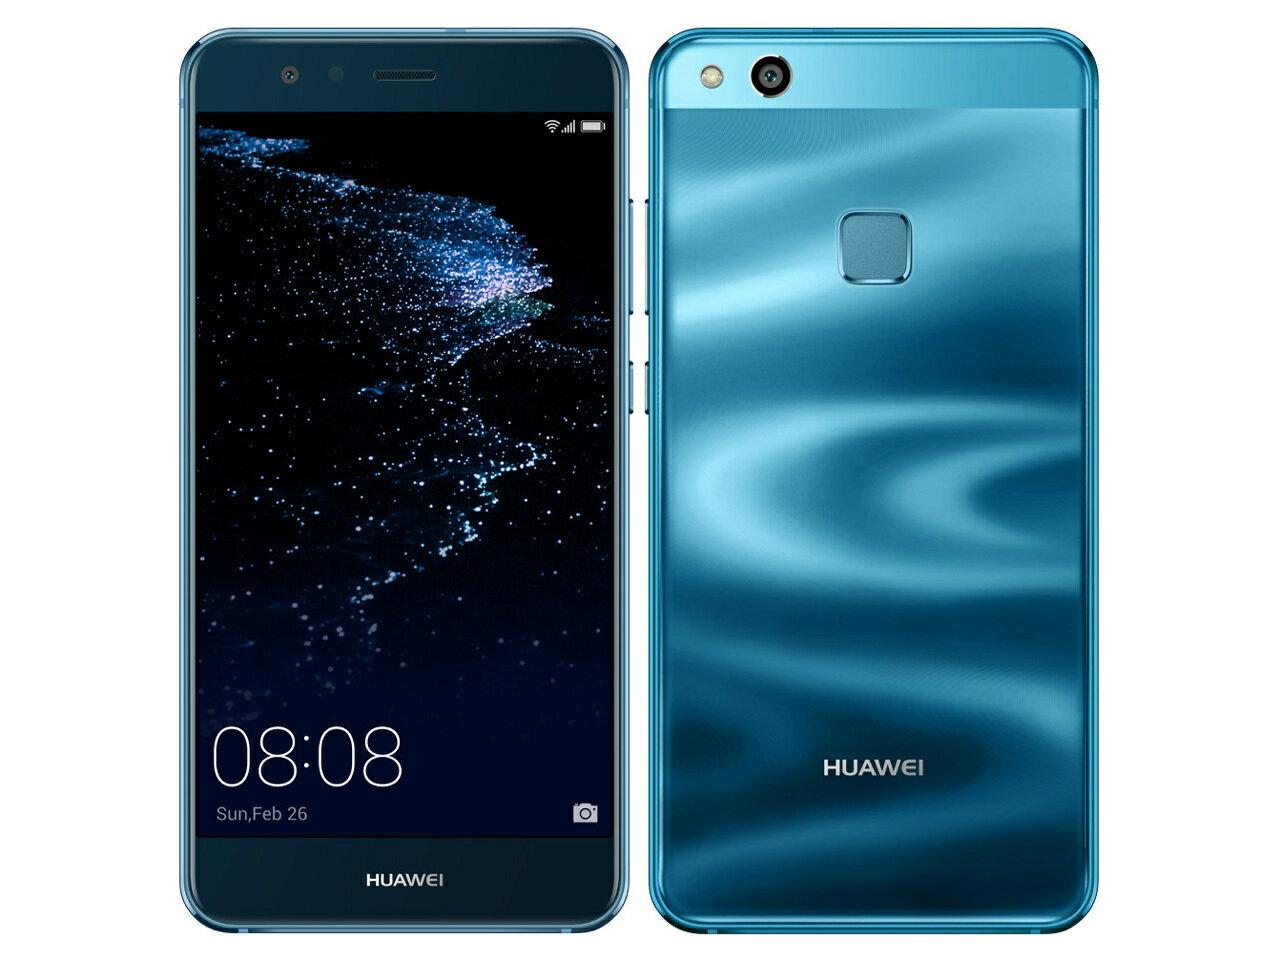 眺めても、手にしても心地良い、すっきりとしたデザイン「新品 未開封品」UQmobile Huawei(ファ...